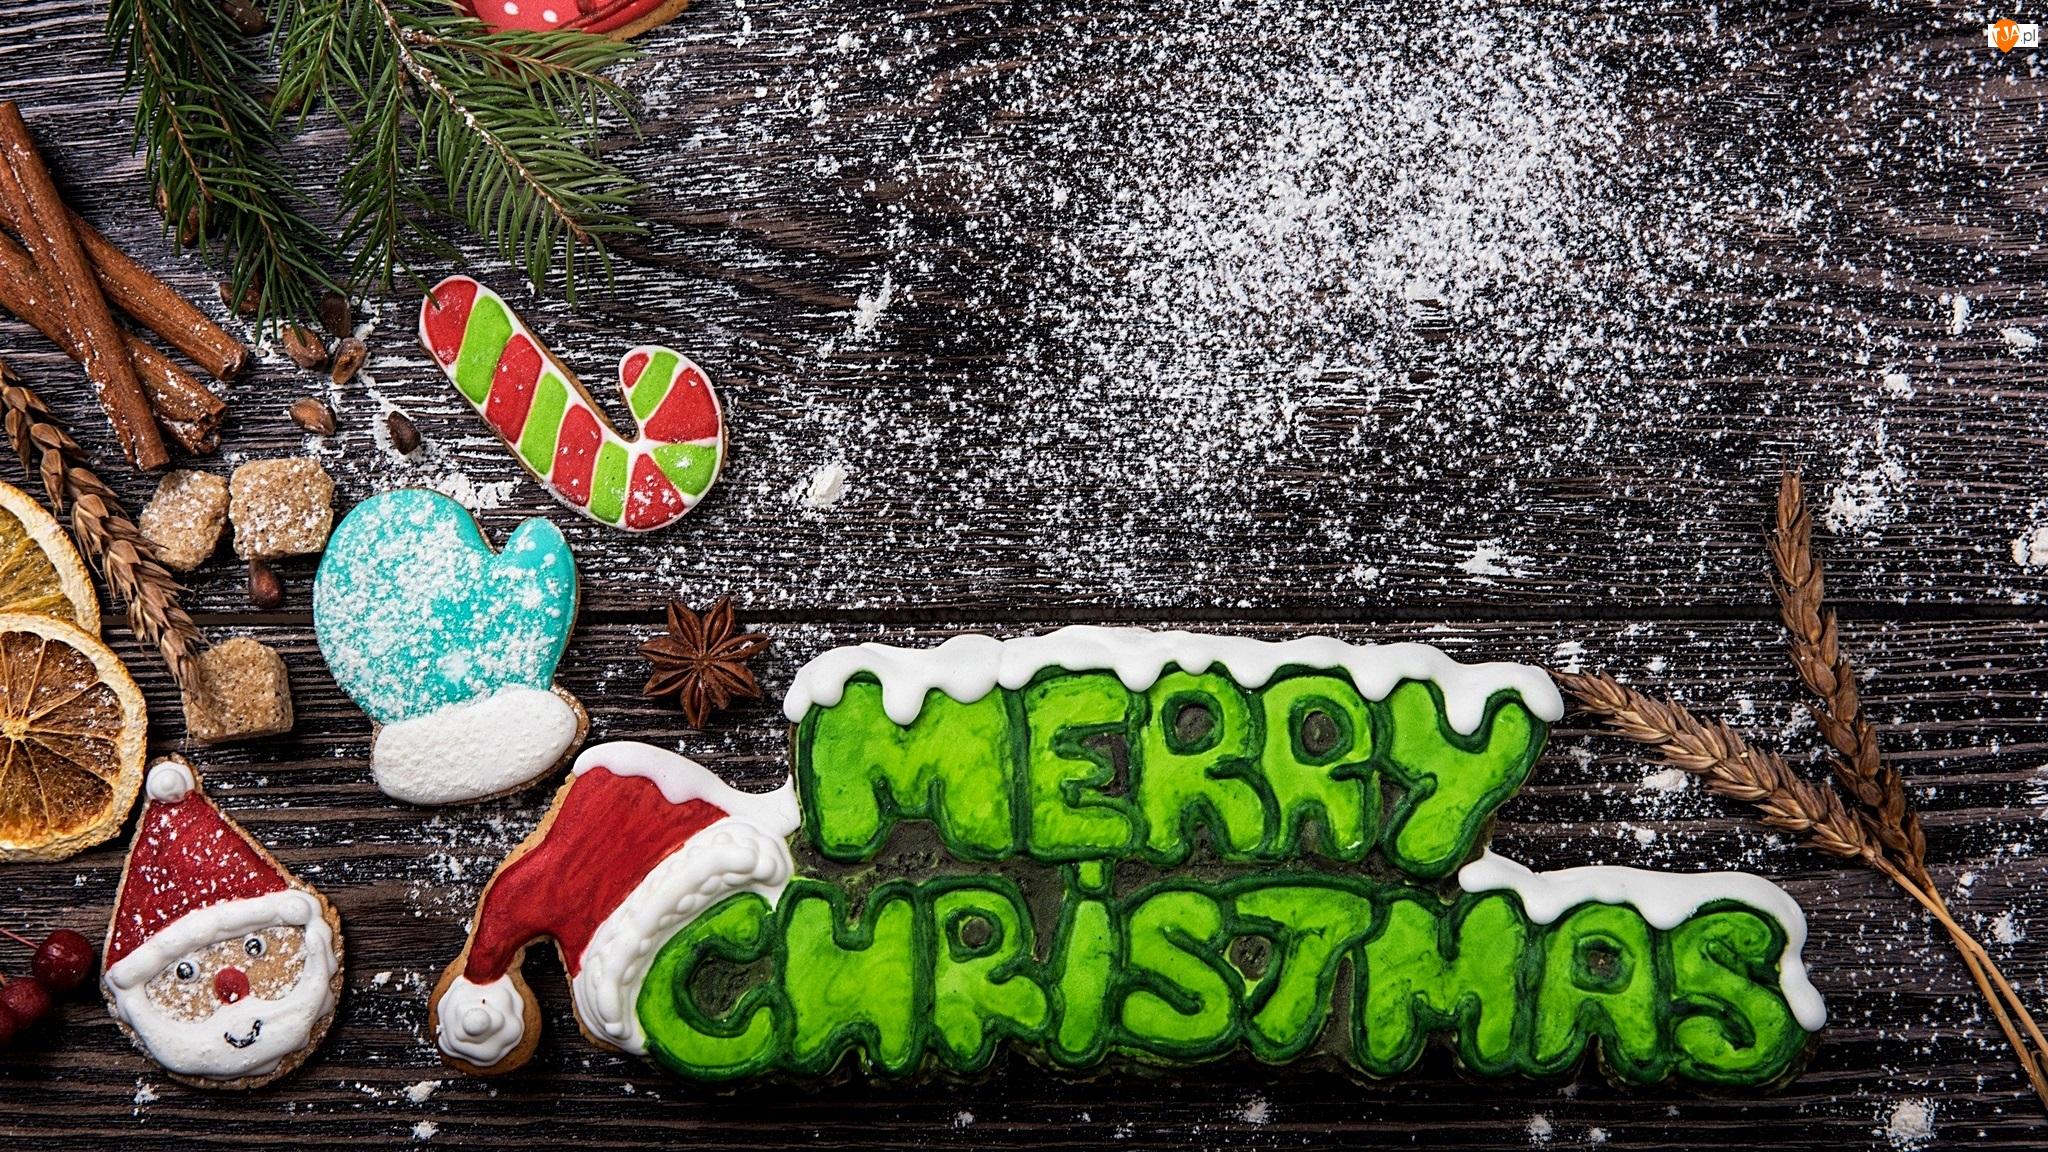 Pierniczki, Kompozycja, Napis, Boże Narodzenie, Merry Christmas